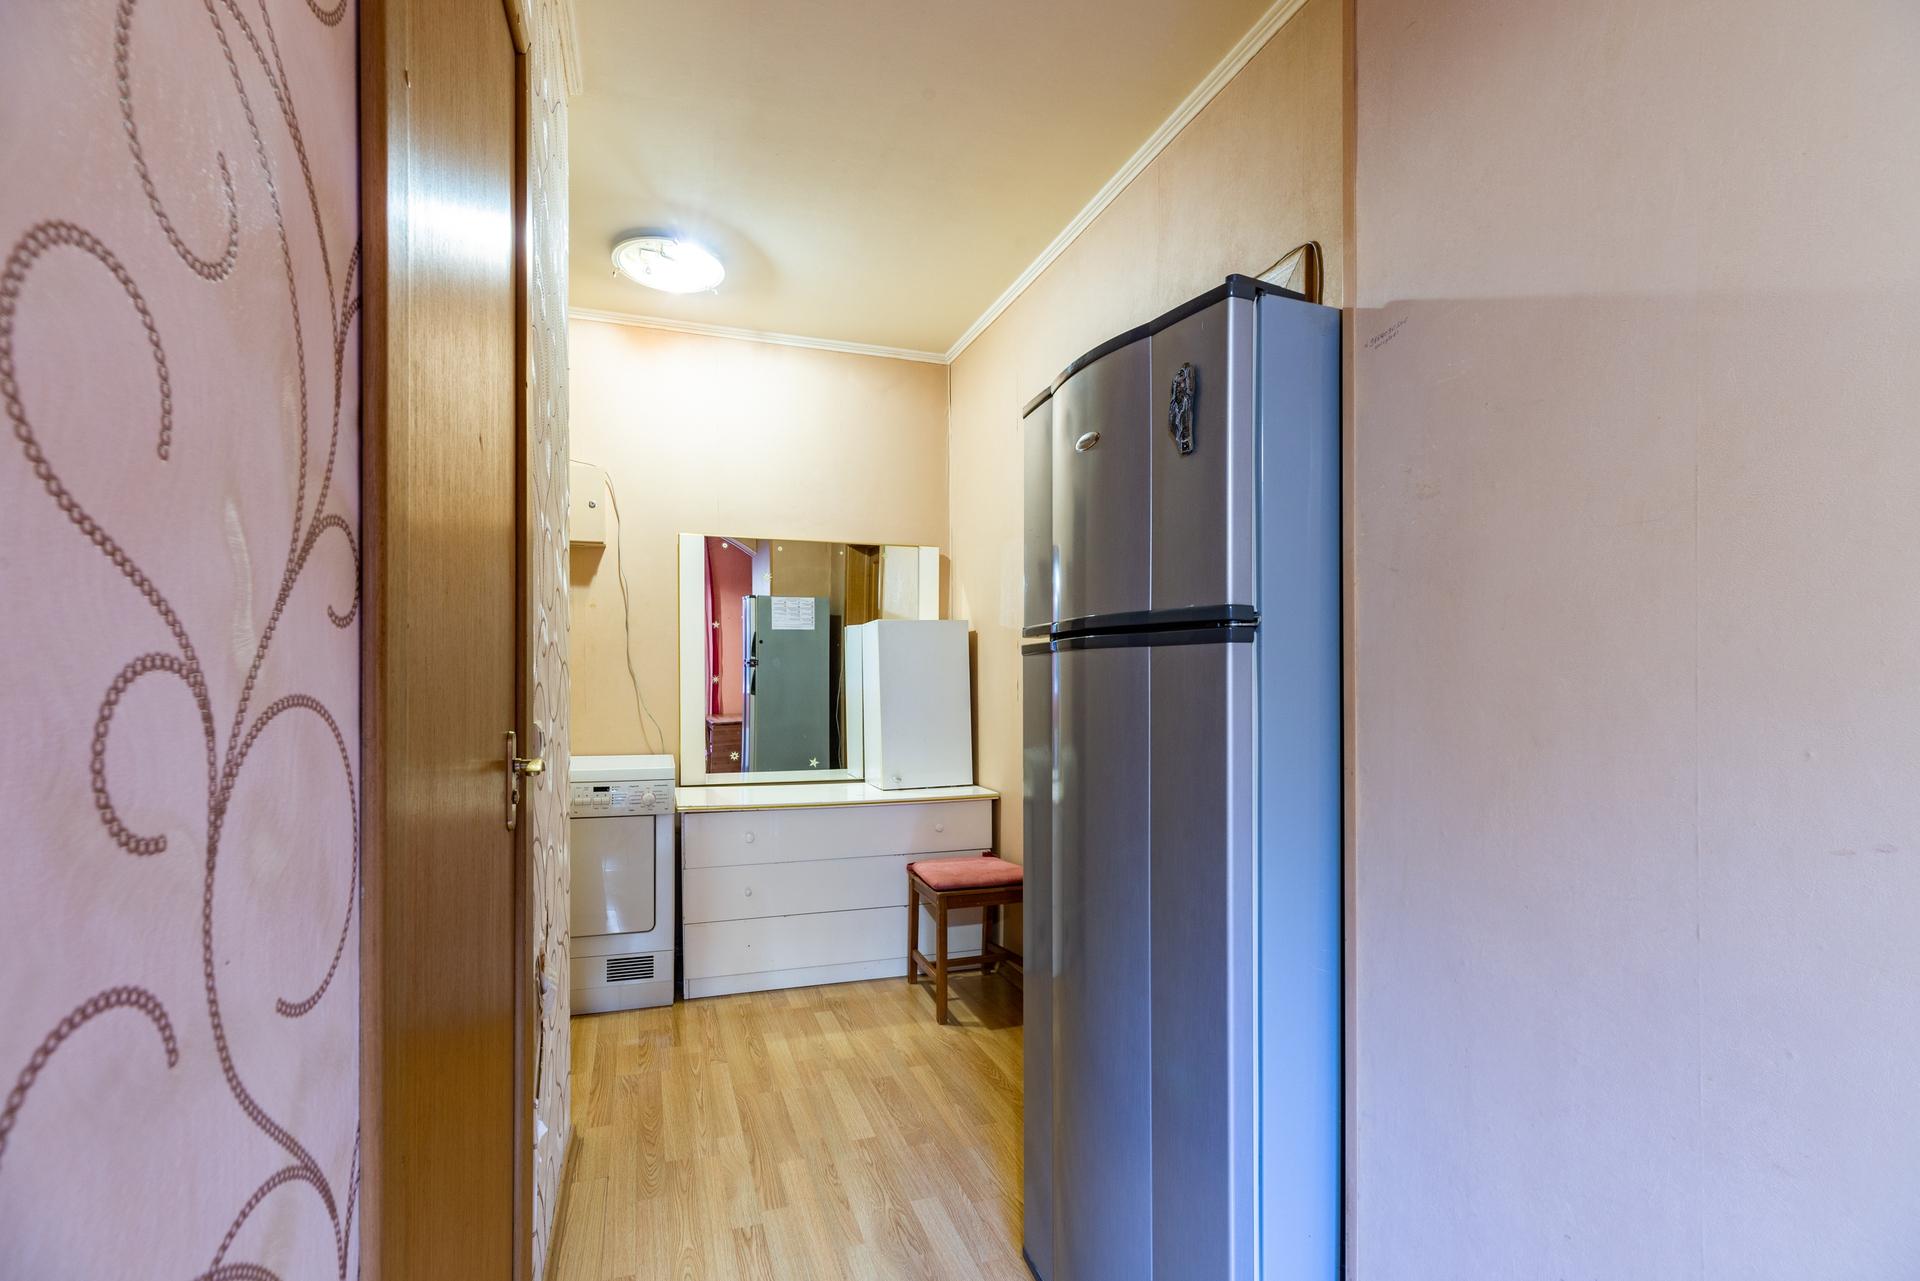 Квартира в современном доме 6